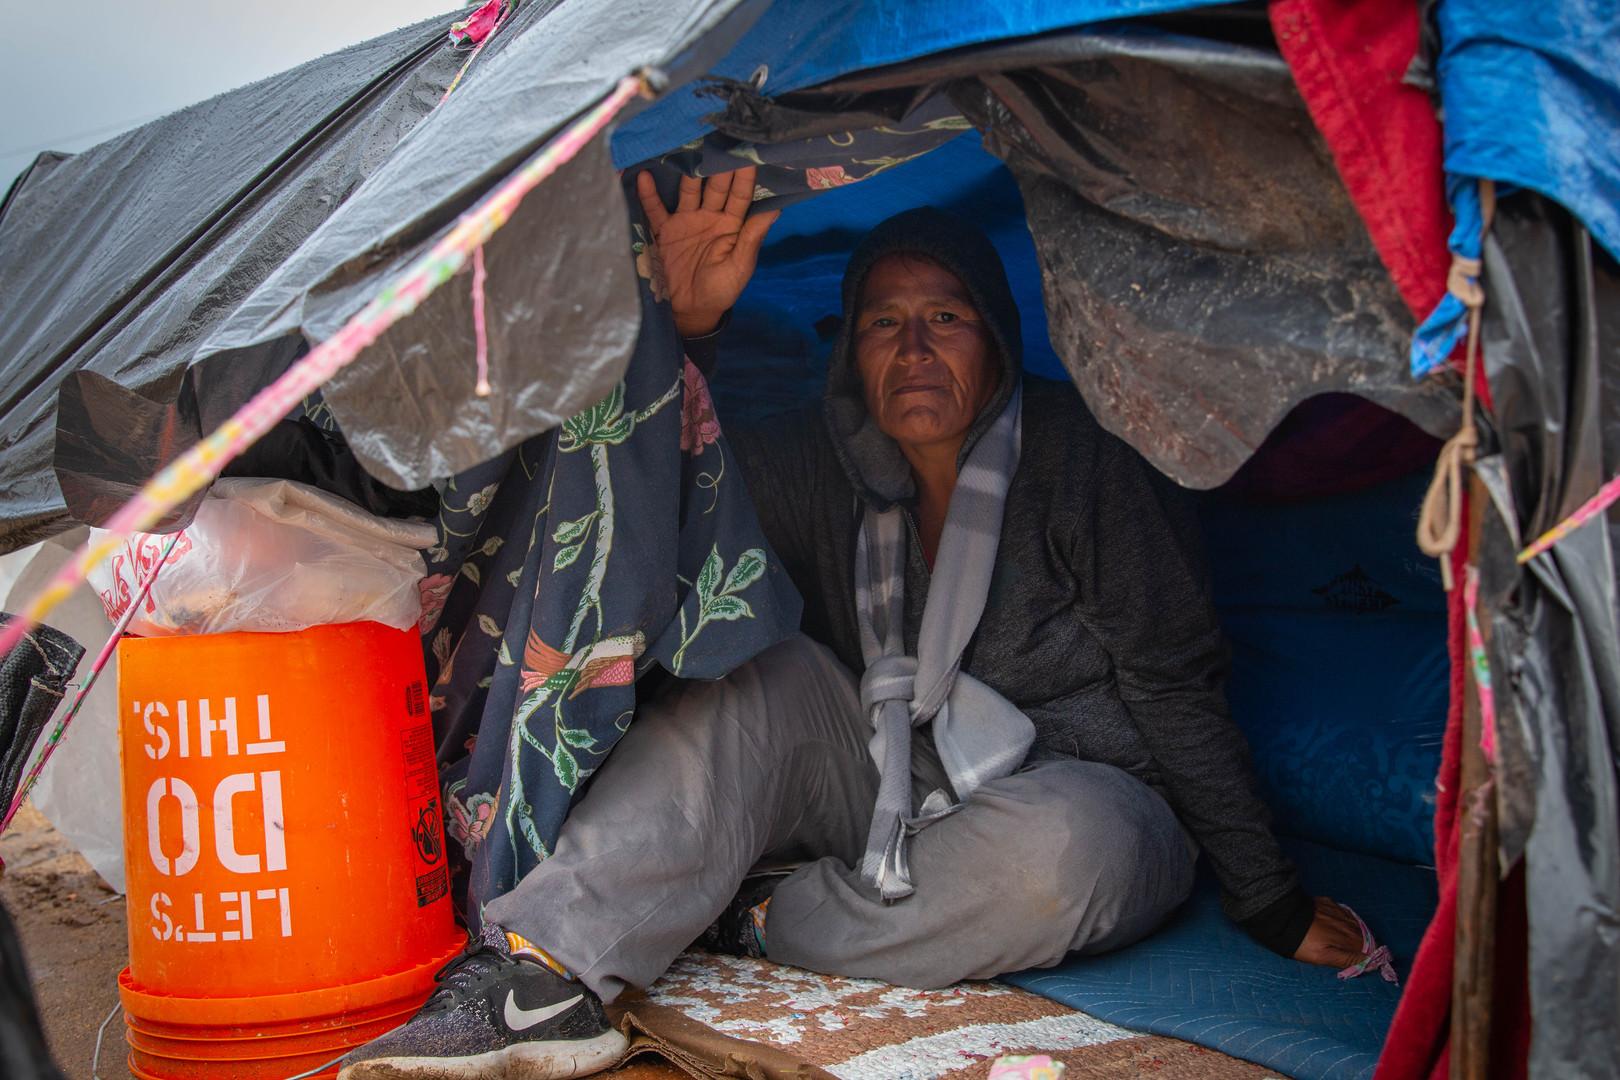 dj_homeless-30.jpg